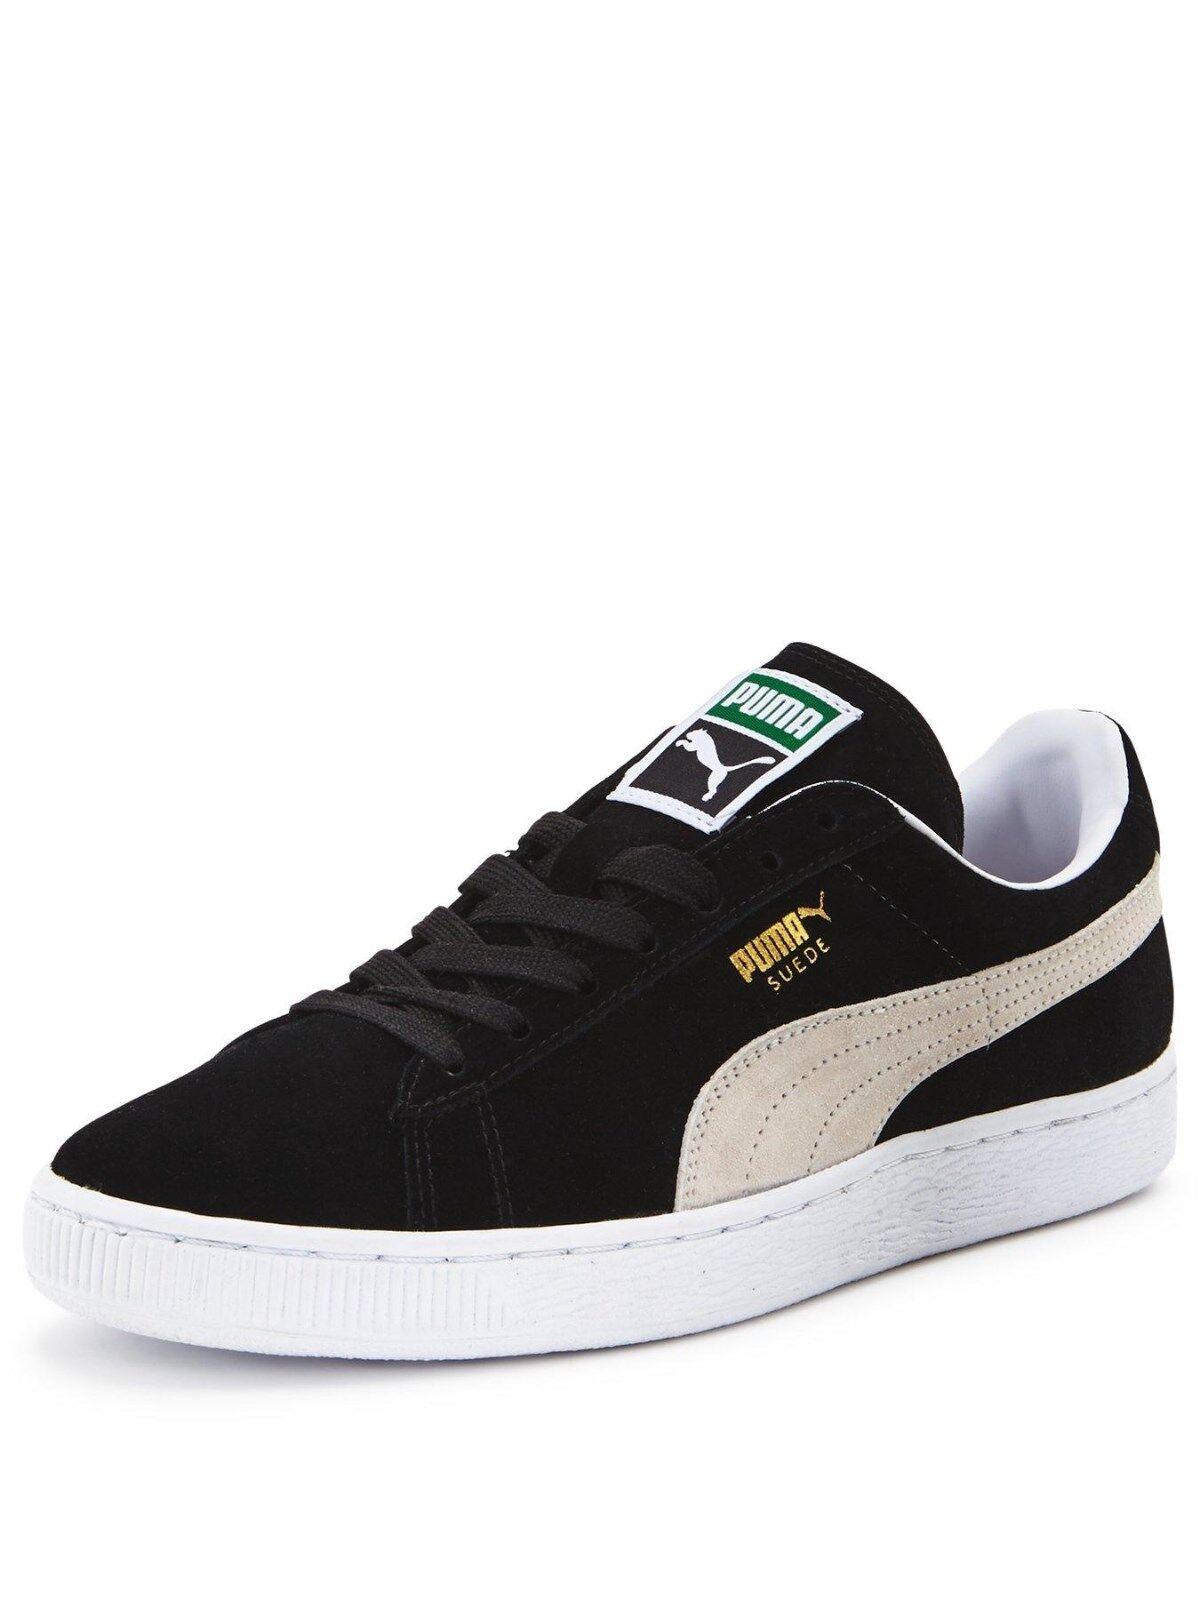 Puma Gamuza Clásico + Hombre damas Unisex Informal Negro Blanco Informal Unisex Zapatillas Zapatos De Gamuza 329e5b